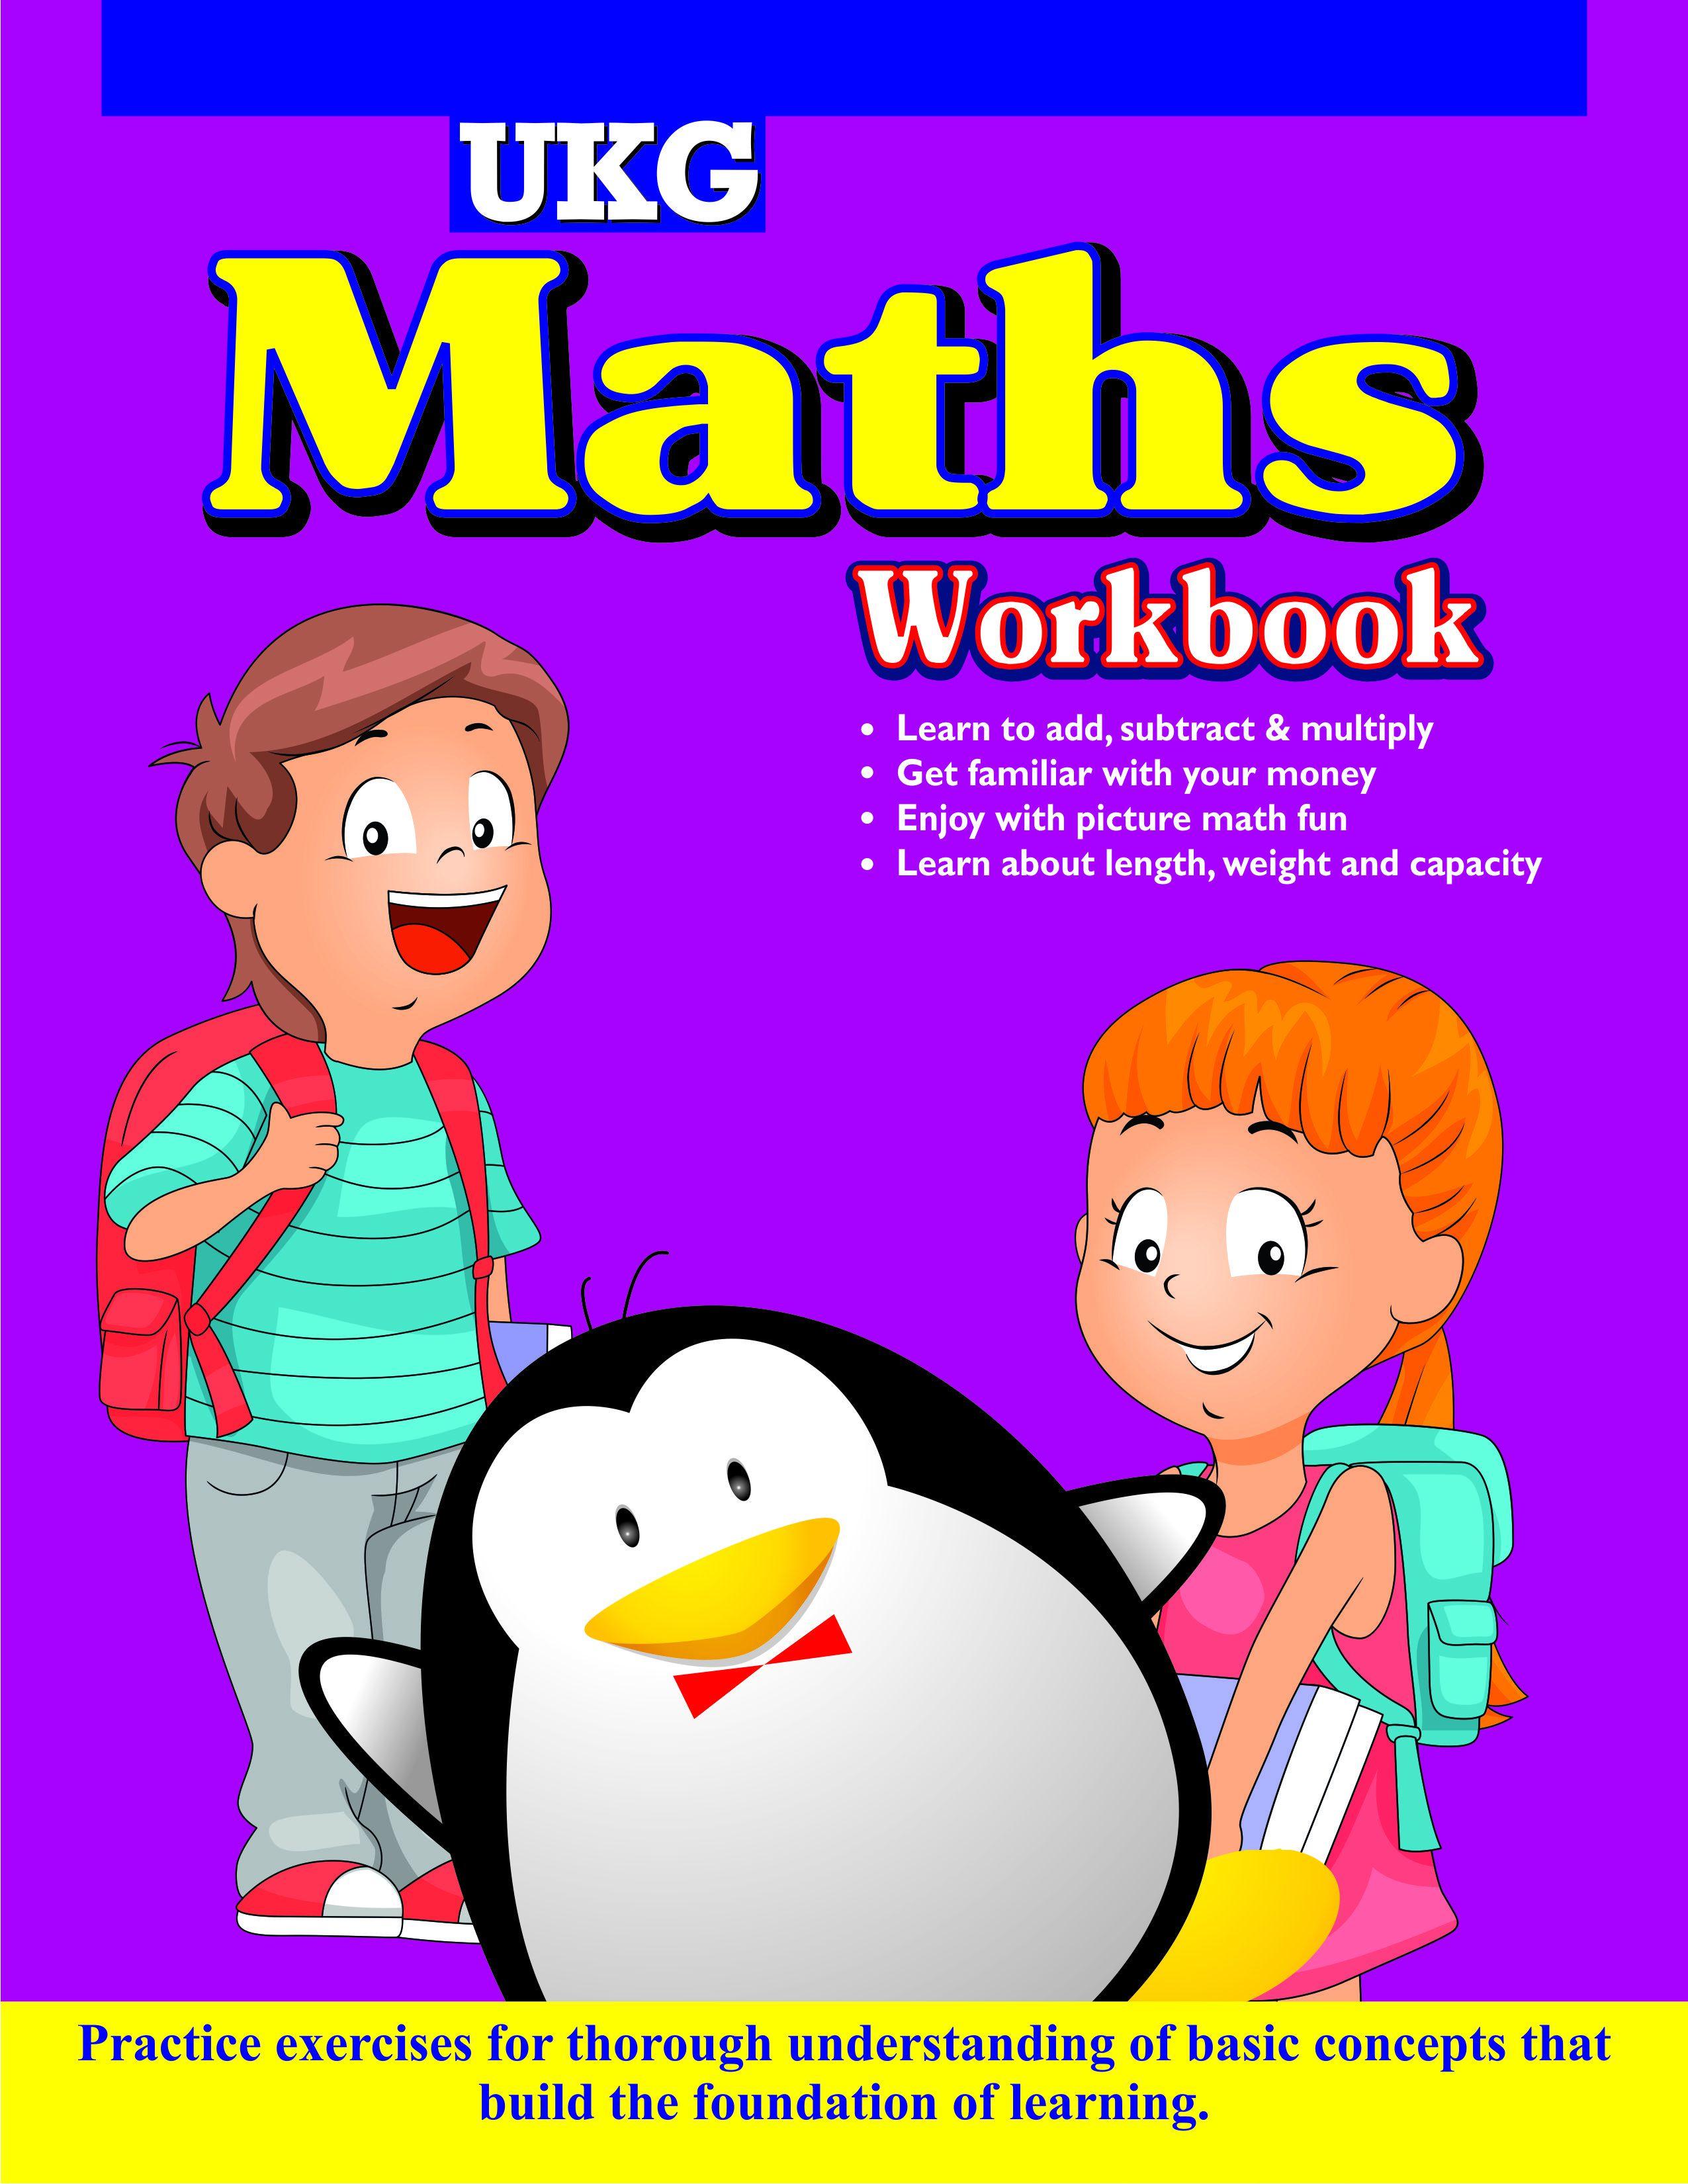 UKG MATHS WORKBOOK - Junior Workbooks English: Buy UKG MATHS ...